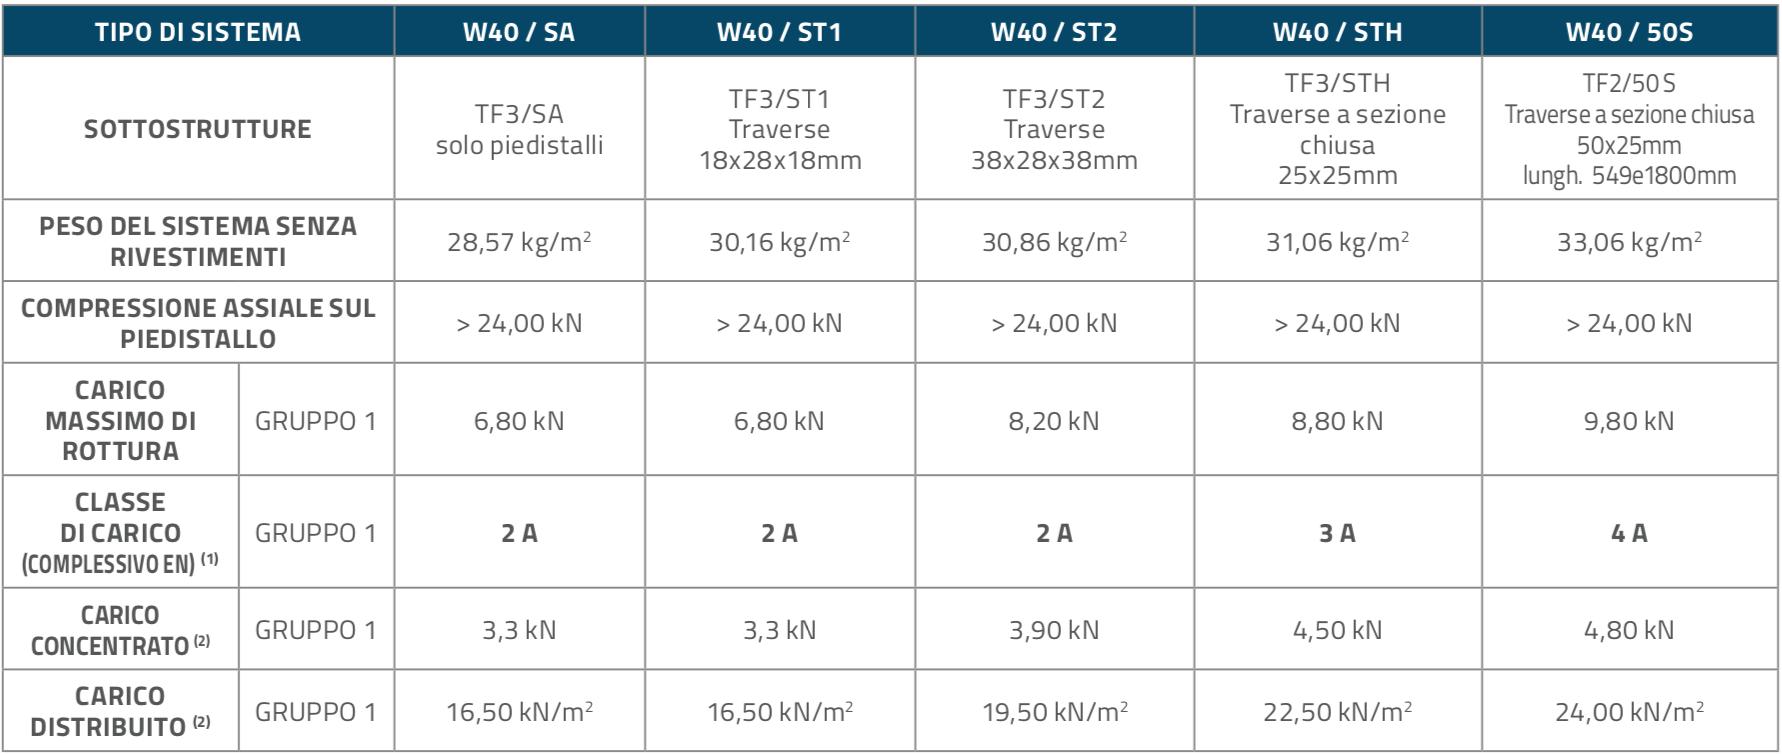 W40_Tavola_1